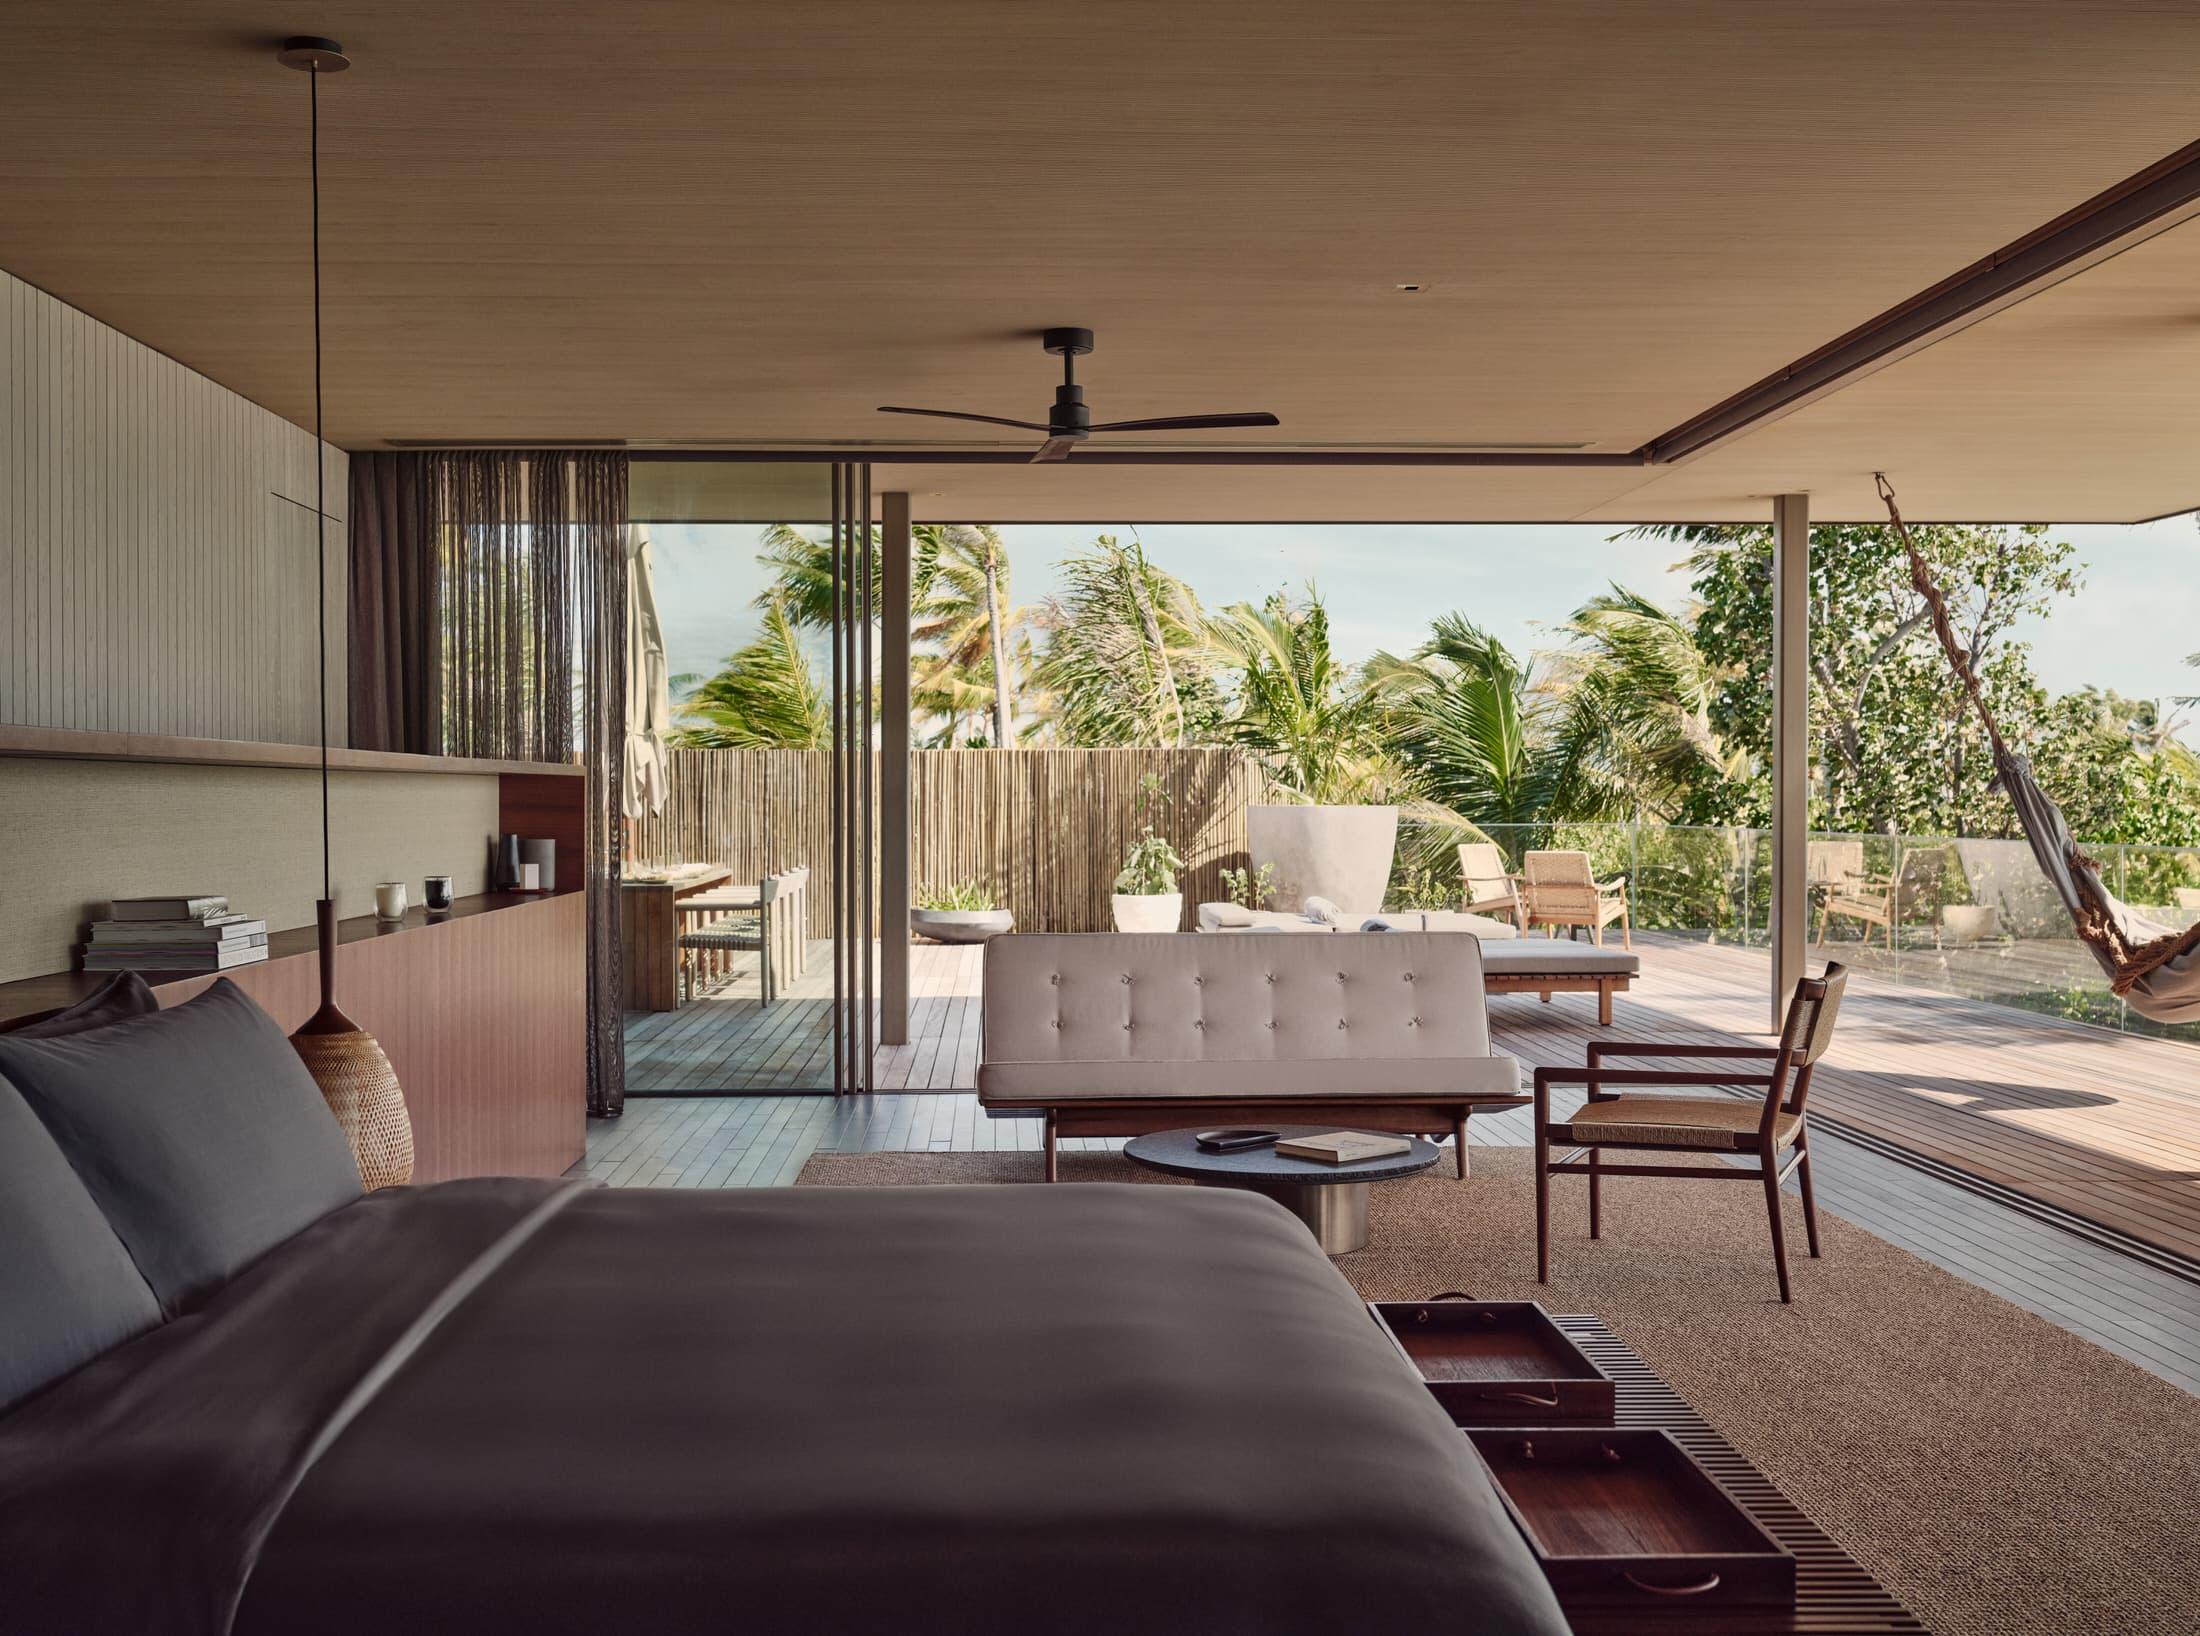 Studio Mk27 Patina Maldives Luxury Resort Yellowtrace 27